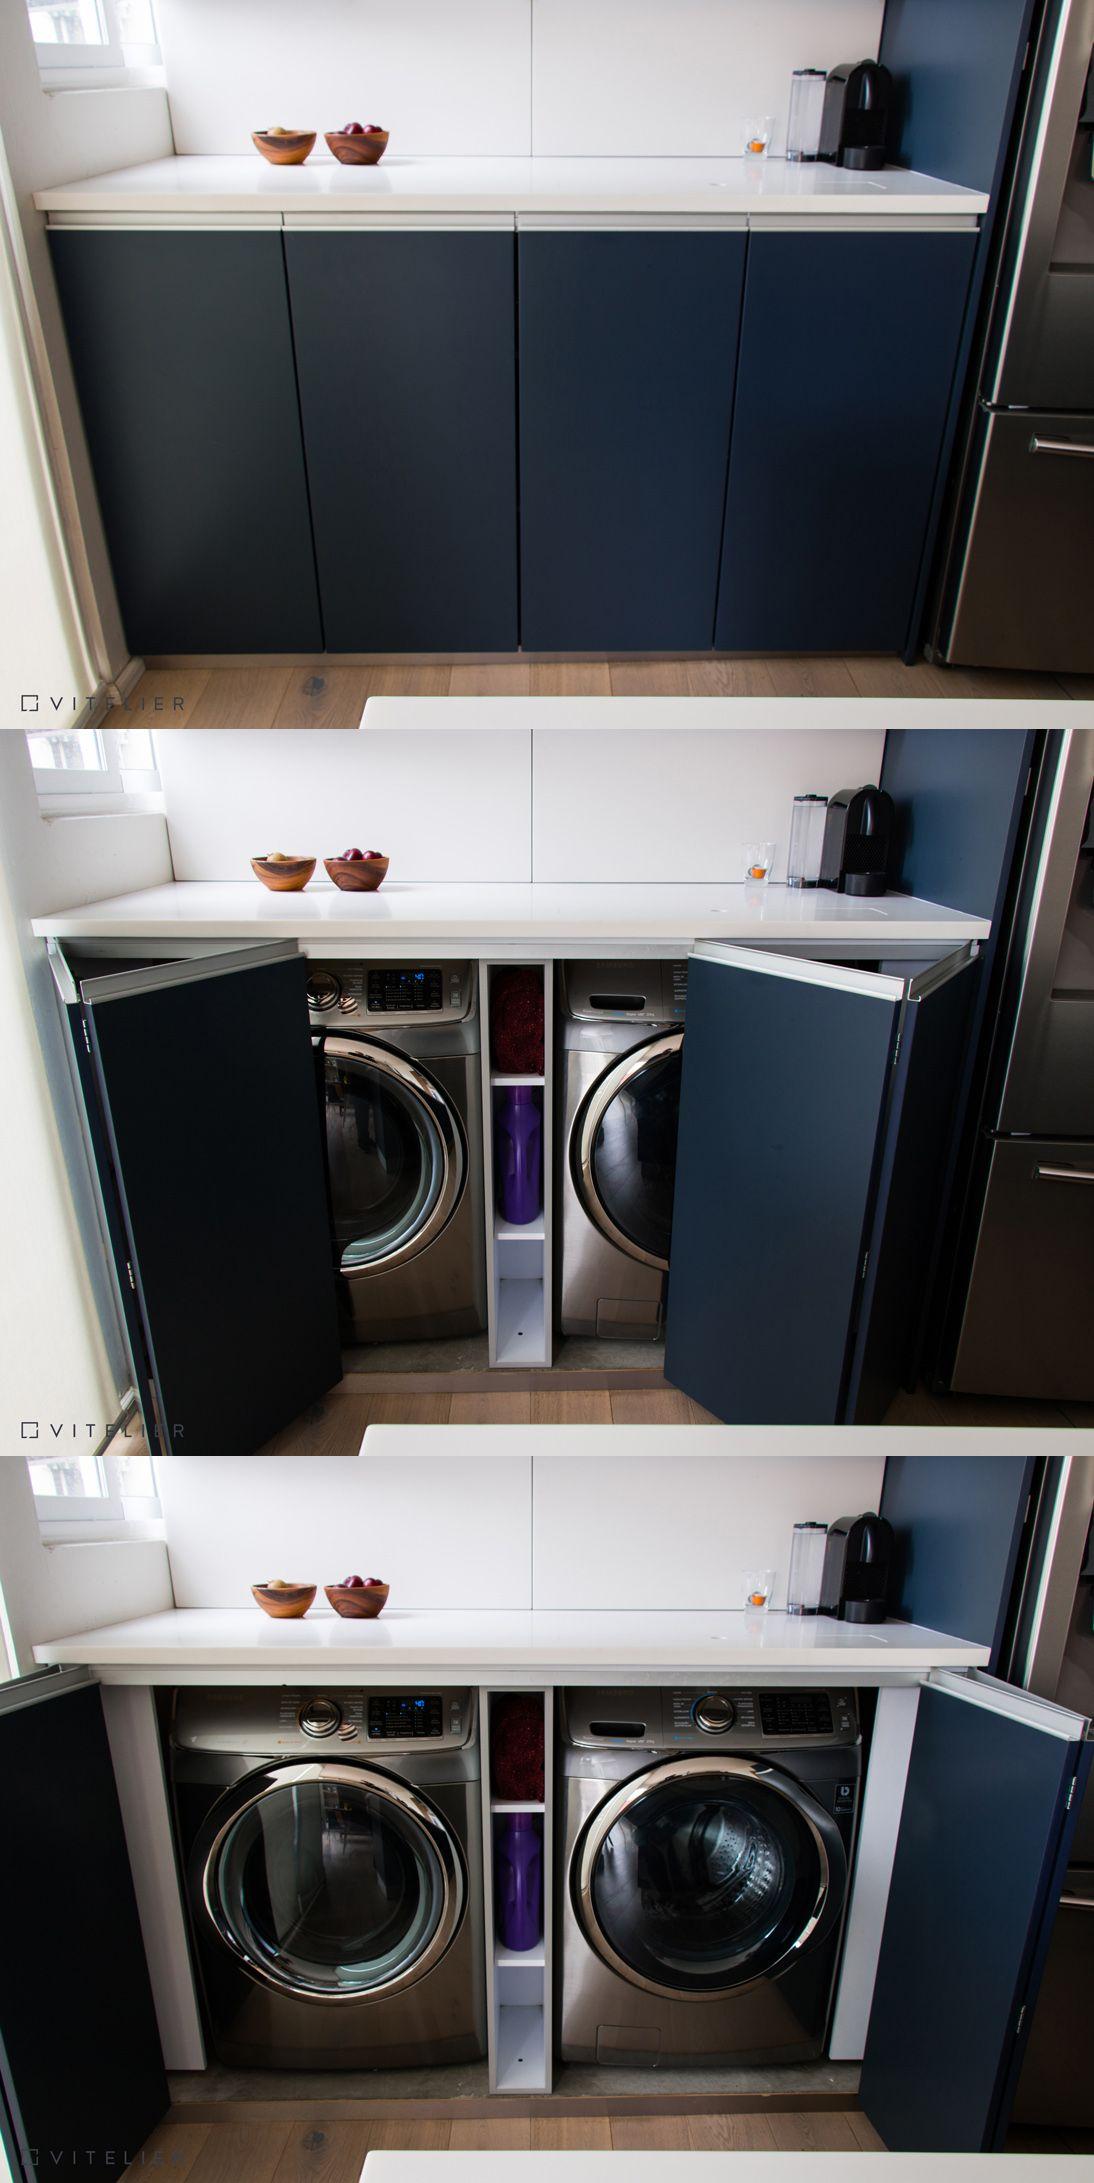 En espacios peque os integramos la lavadora y secadora dentro del rea de la cocina conservando - Armario para lavadora ...